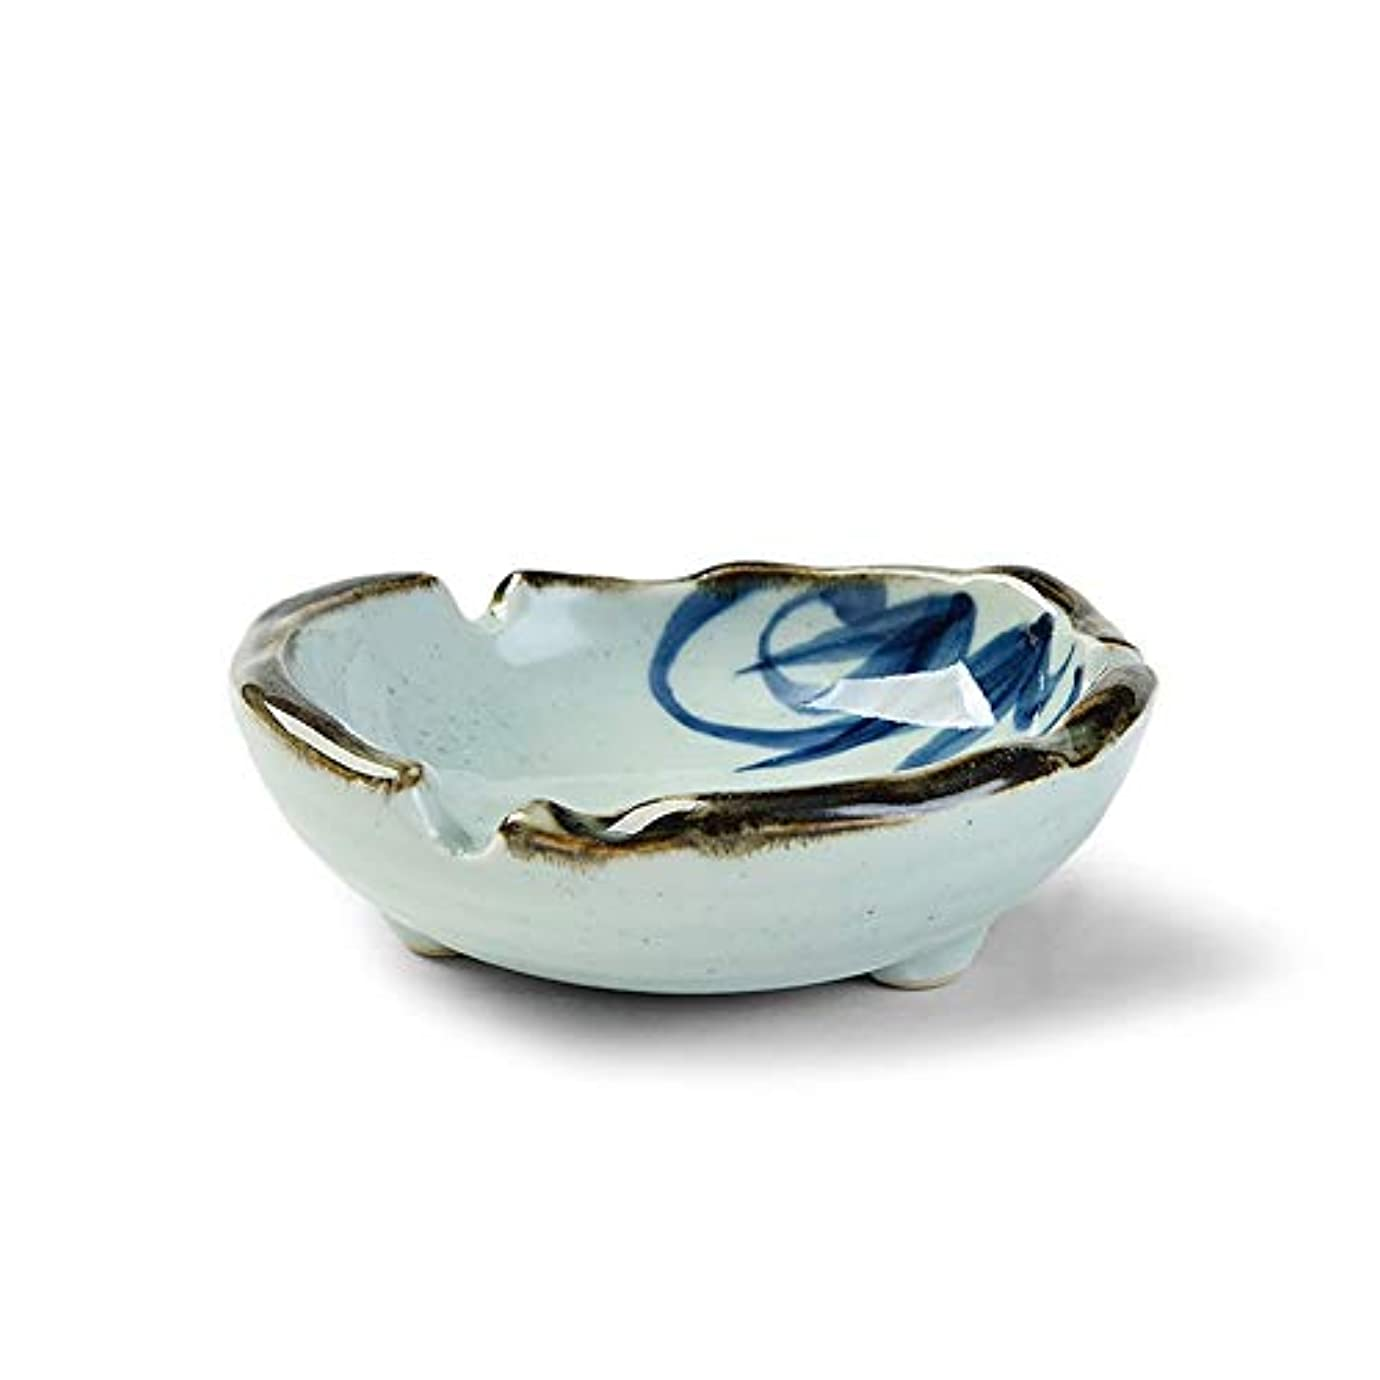 ジャンルオーバーヘッドもタバコ、ギフトおよび総本店の装飾のための灰皿円形の光沢のあるセラミック灰皿